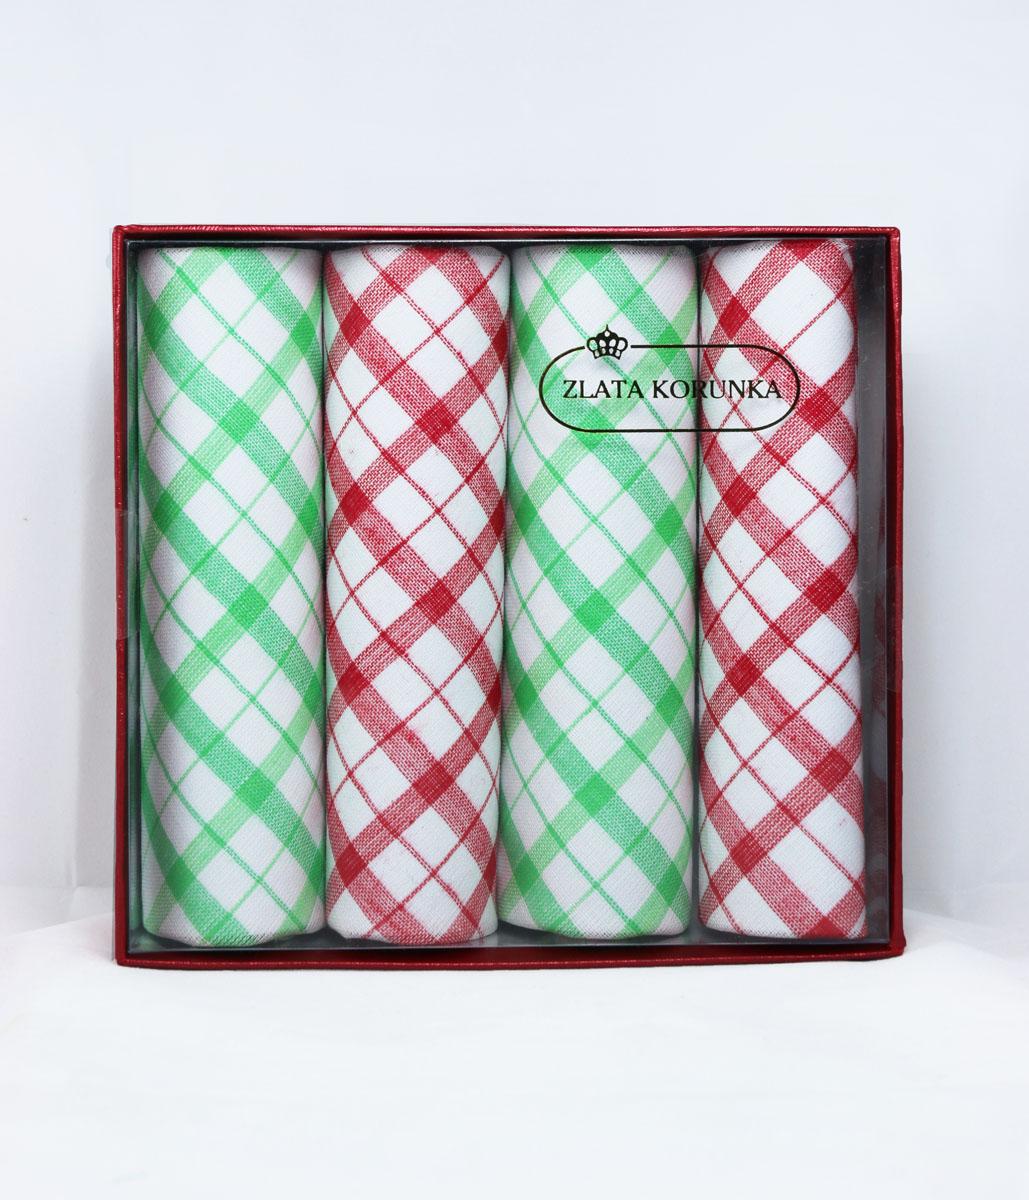 Платок носовой женский Zlata Korunka, цвет: мультиколор, 4 шт. 71420-6. Размер 29 см х 29 см71420-6Небольшой женский носовой платок Zlata Korunka изготовлен из высококачественного натурального хлопка, благодаря чему приятен в использовании, хорошо стирается, не садится и отлично впитывает влагу. Практичный и изящный носовой платок будет незаменим в повседневной жизни любого современного человека. Такой платок послужит стильным аксессуаром и подчеркнет ваше превосходное чувство вкуса. В комплекте 4 платка.